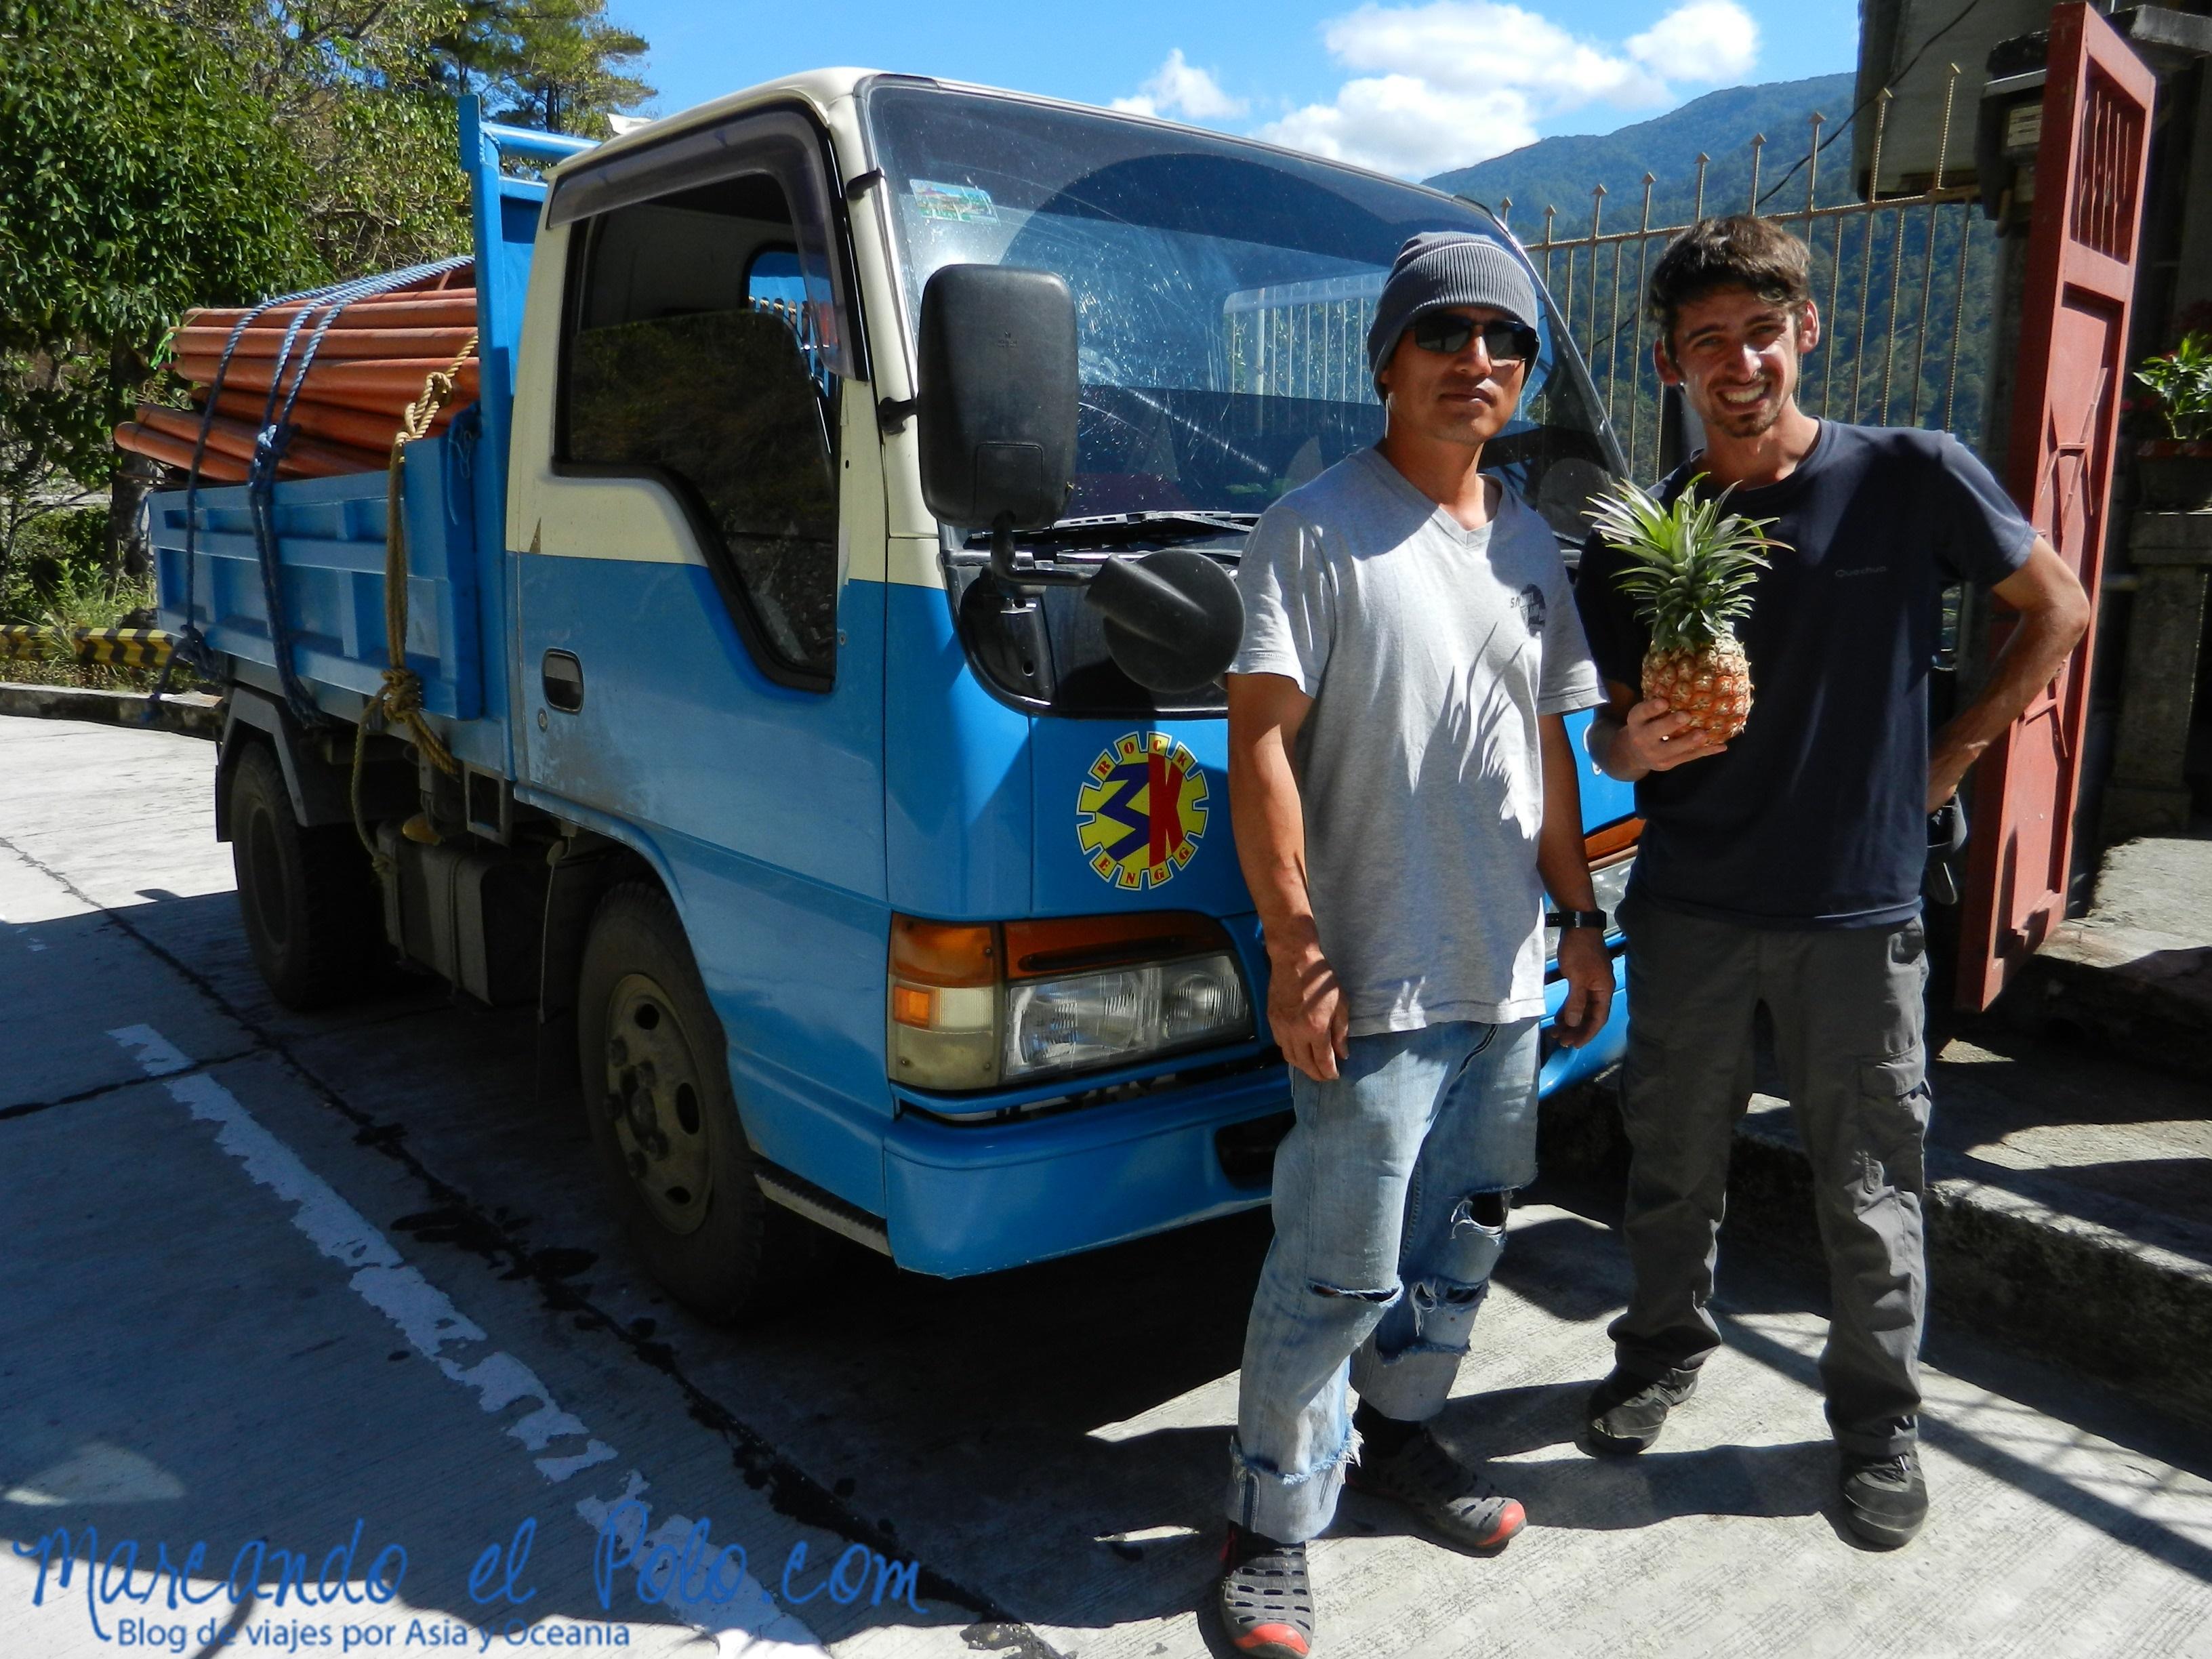 Viajar a dedo en Filipinas: nos regalan comida